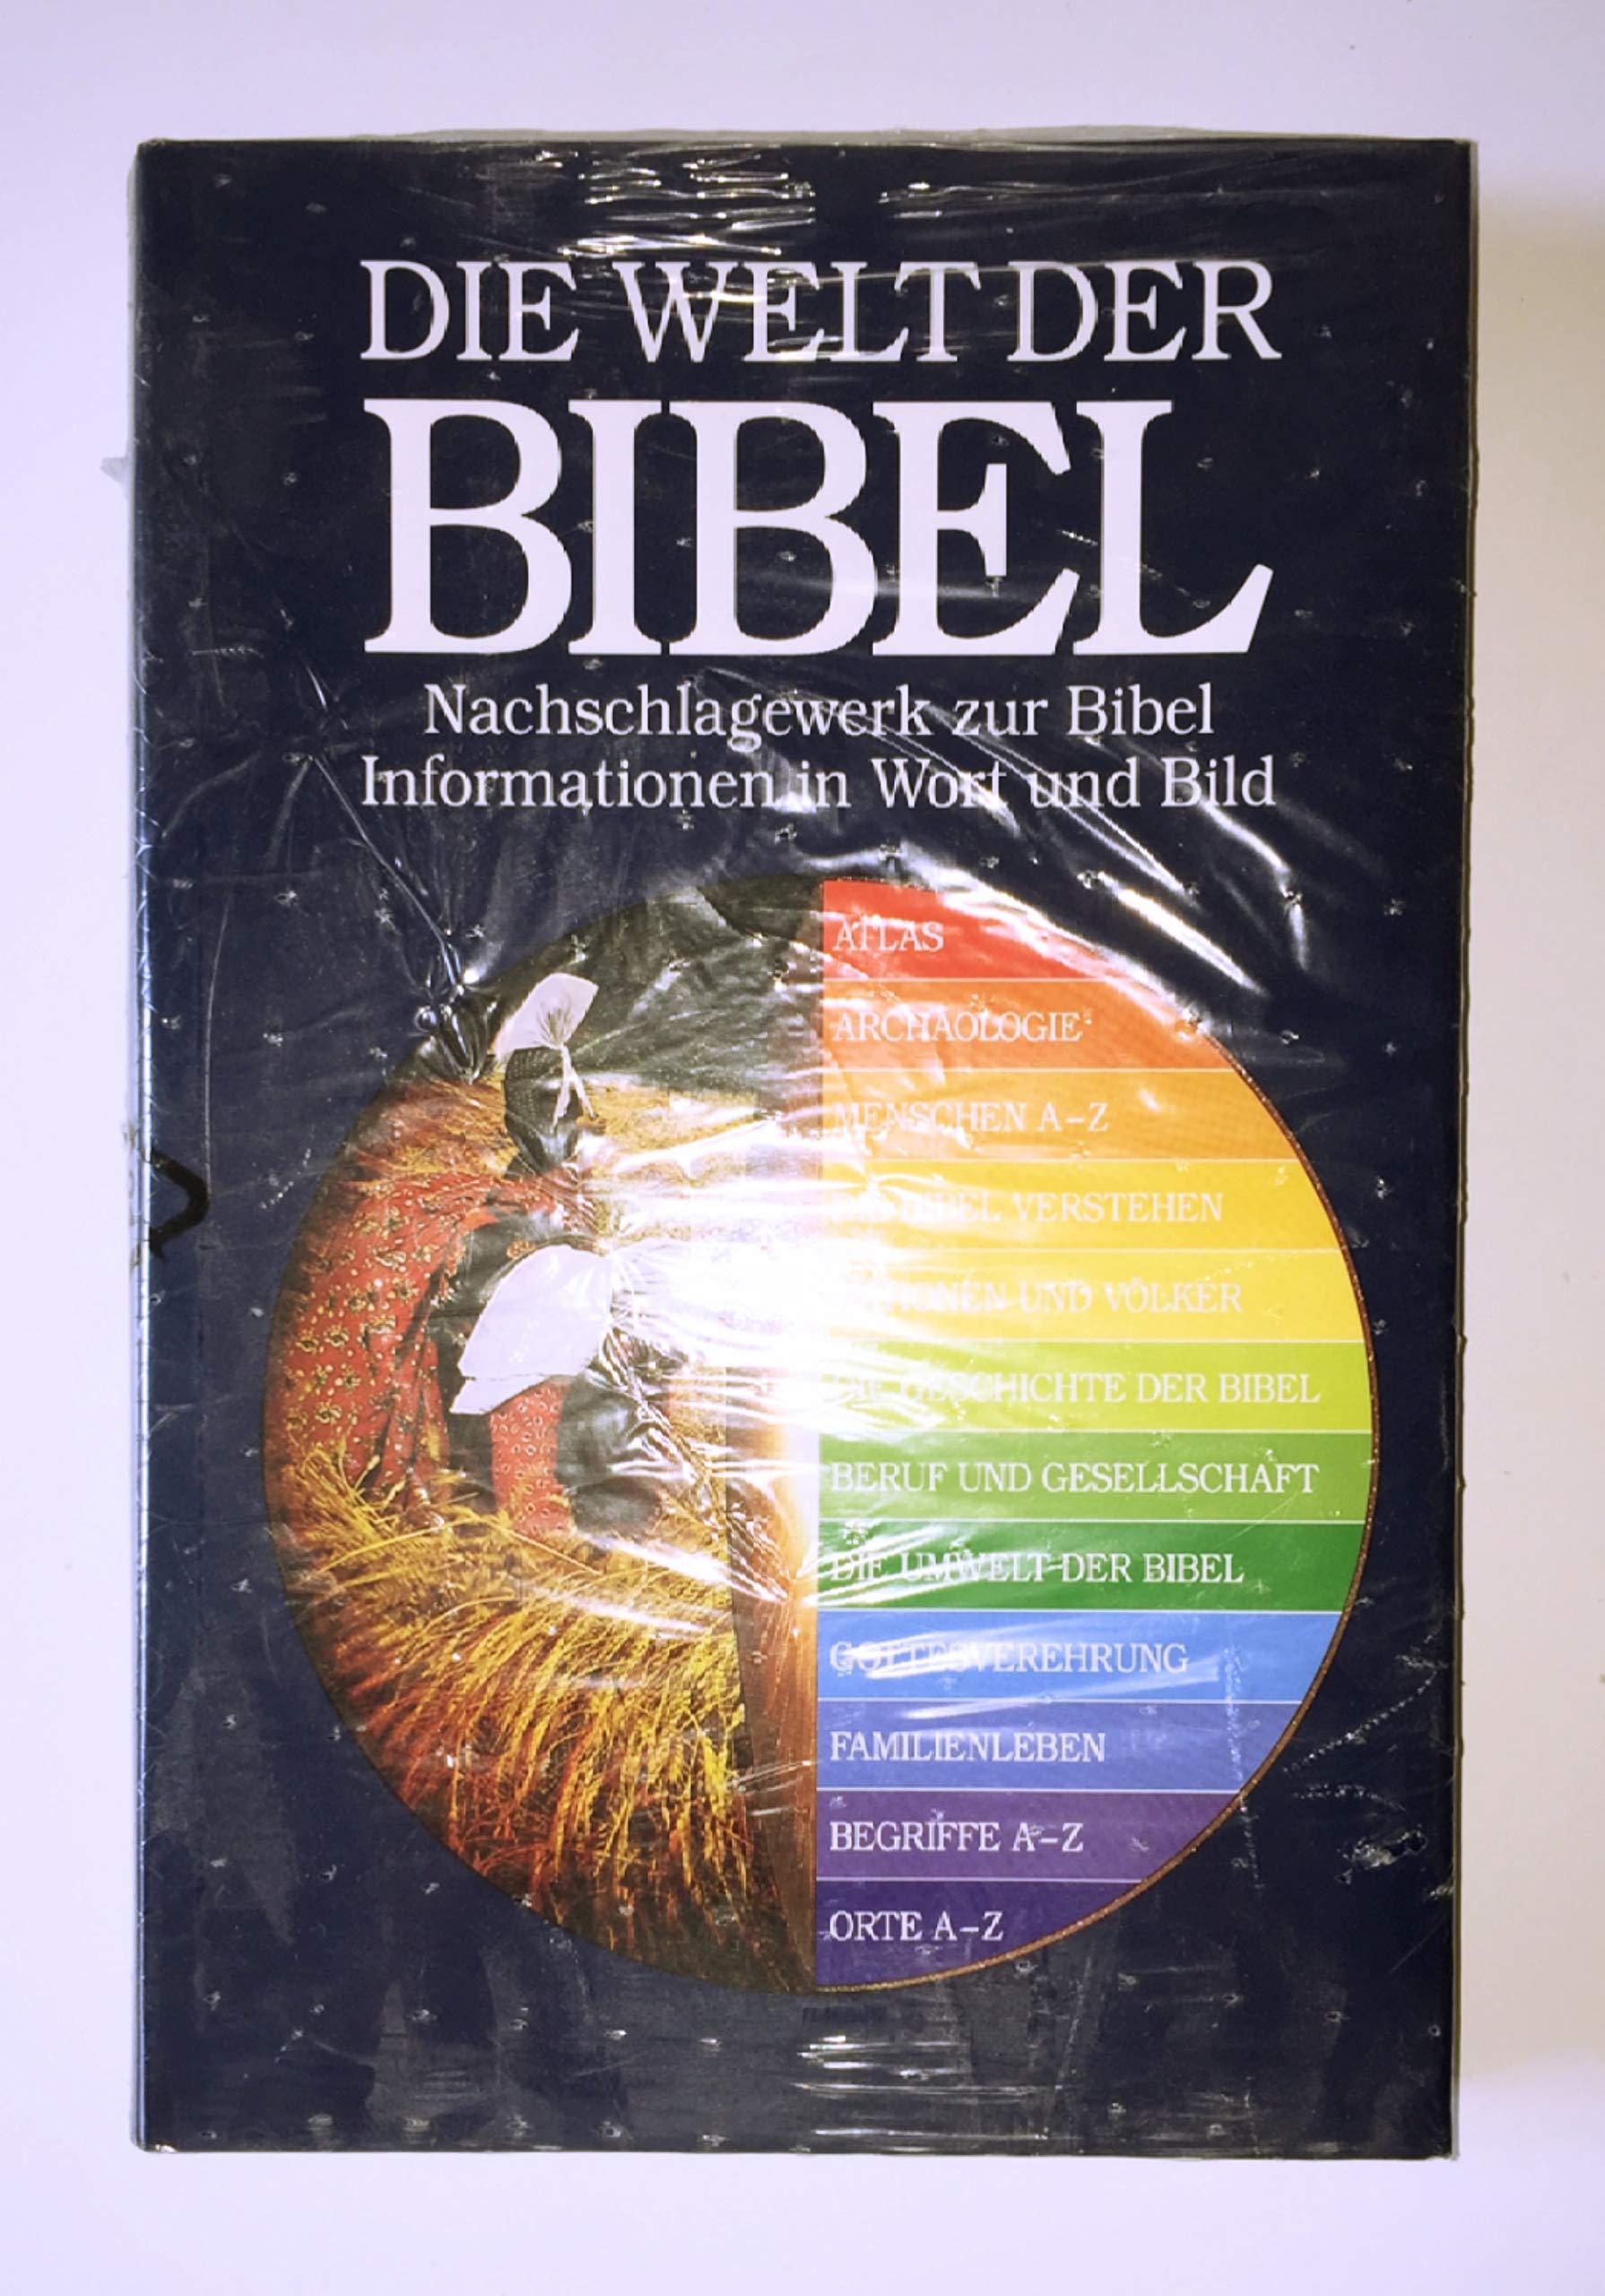 Die Welt der Bibel: Nachschlagewerk zur Bibel - Informationen in Wort und Bild